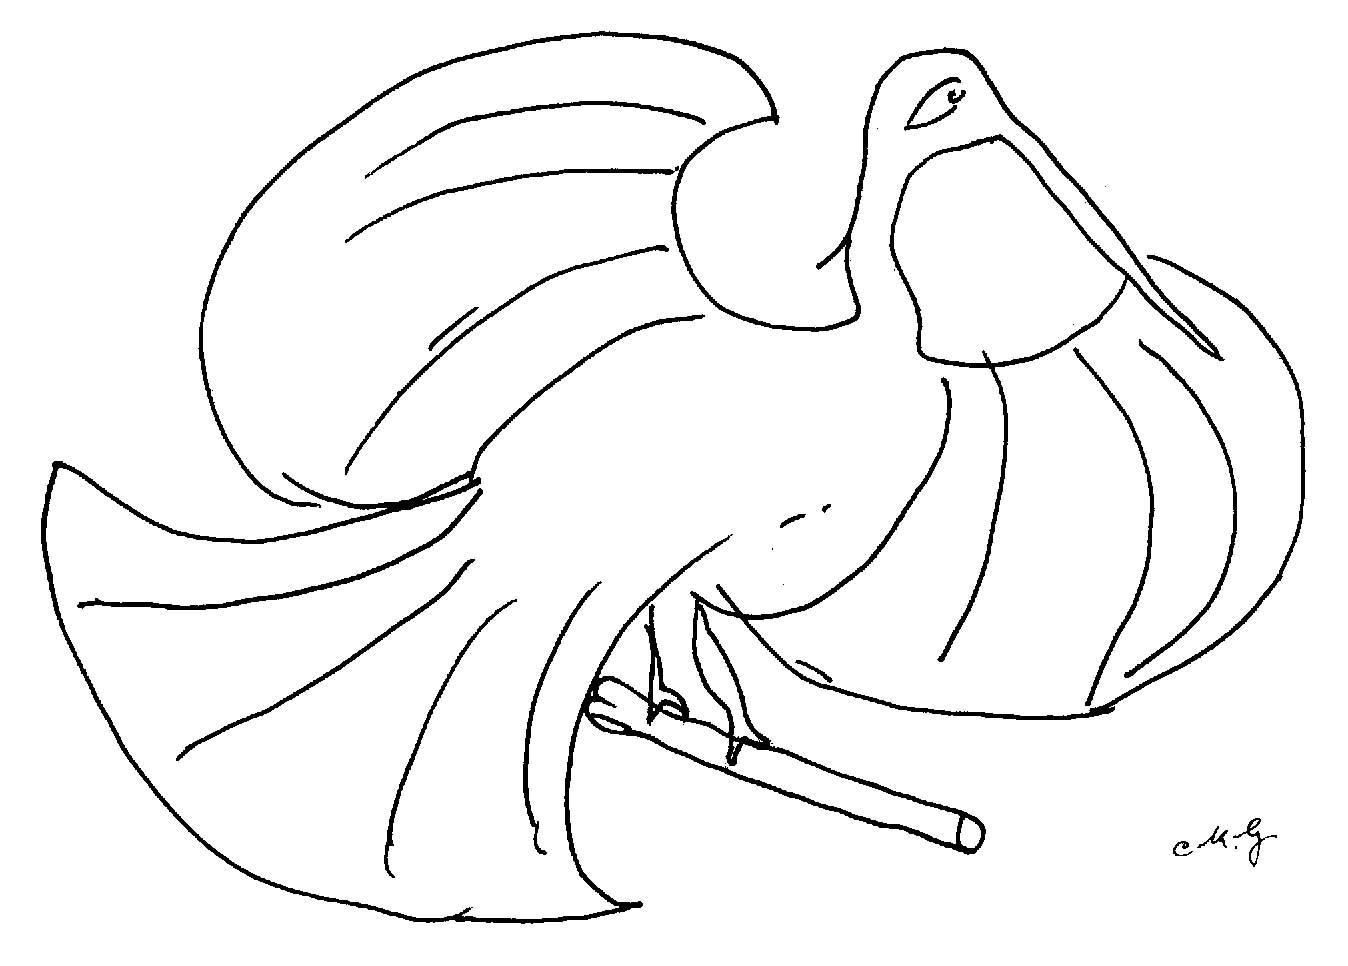 pelican-137a-ckg